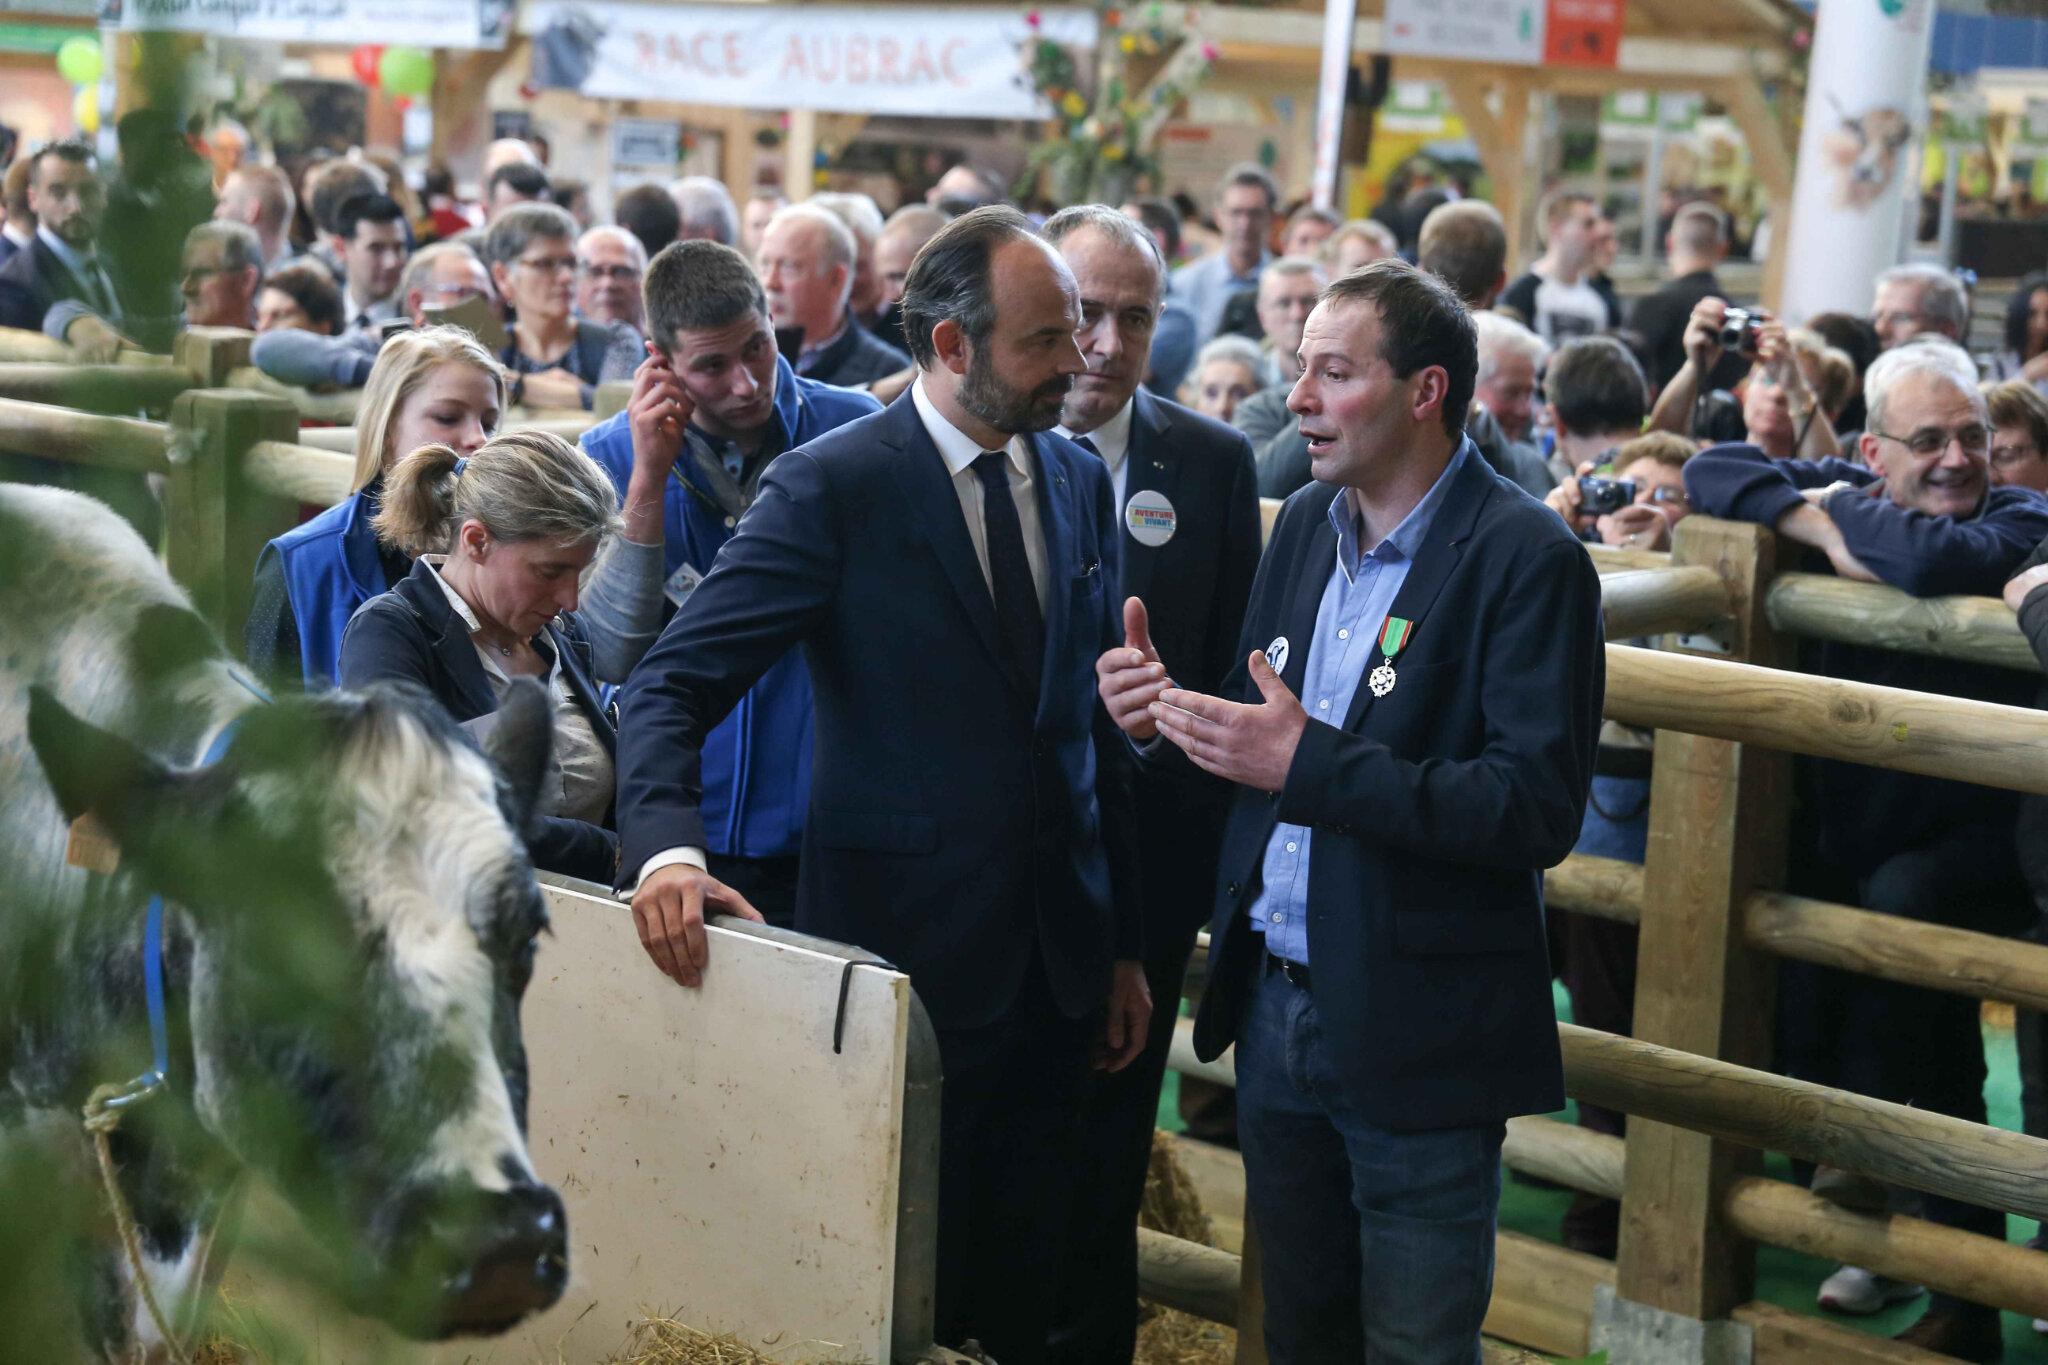 Édouard Philippe passe au Salon de l'Agriculture durant 3 jours. © Michel Stoupak. Mer 27.02.2019, 16h53m47.